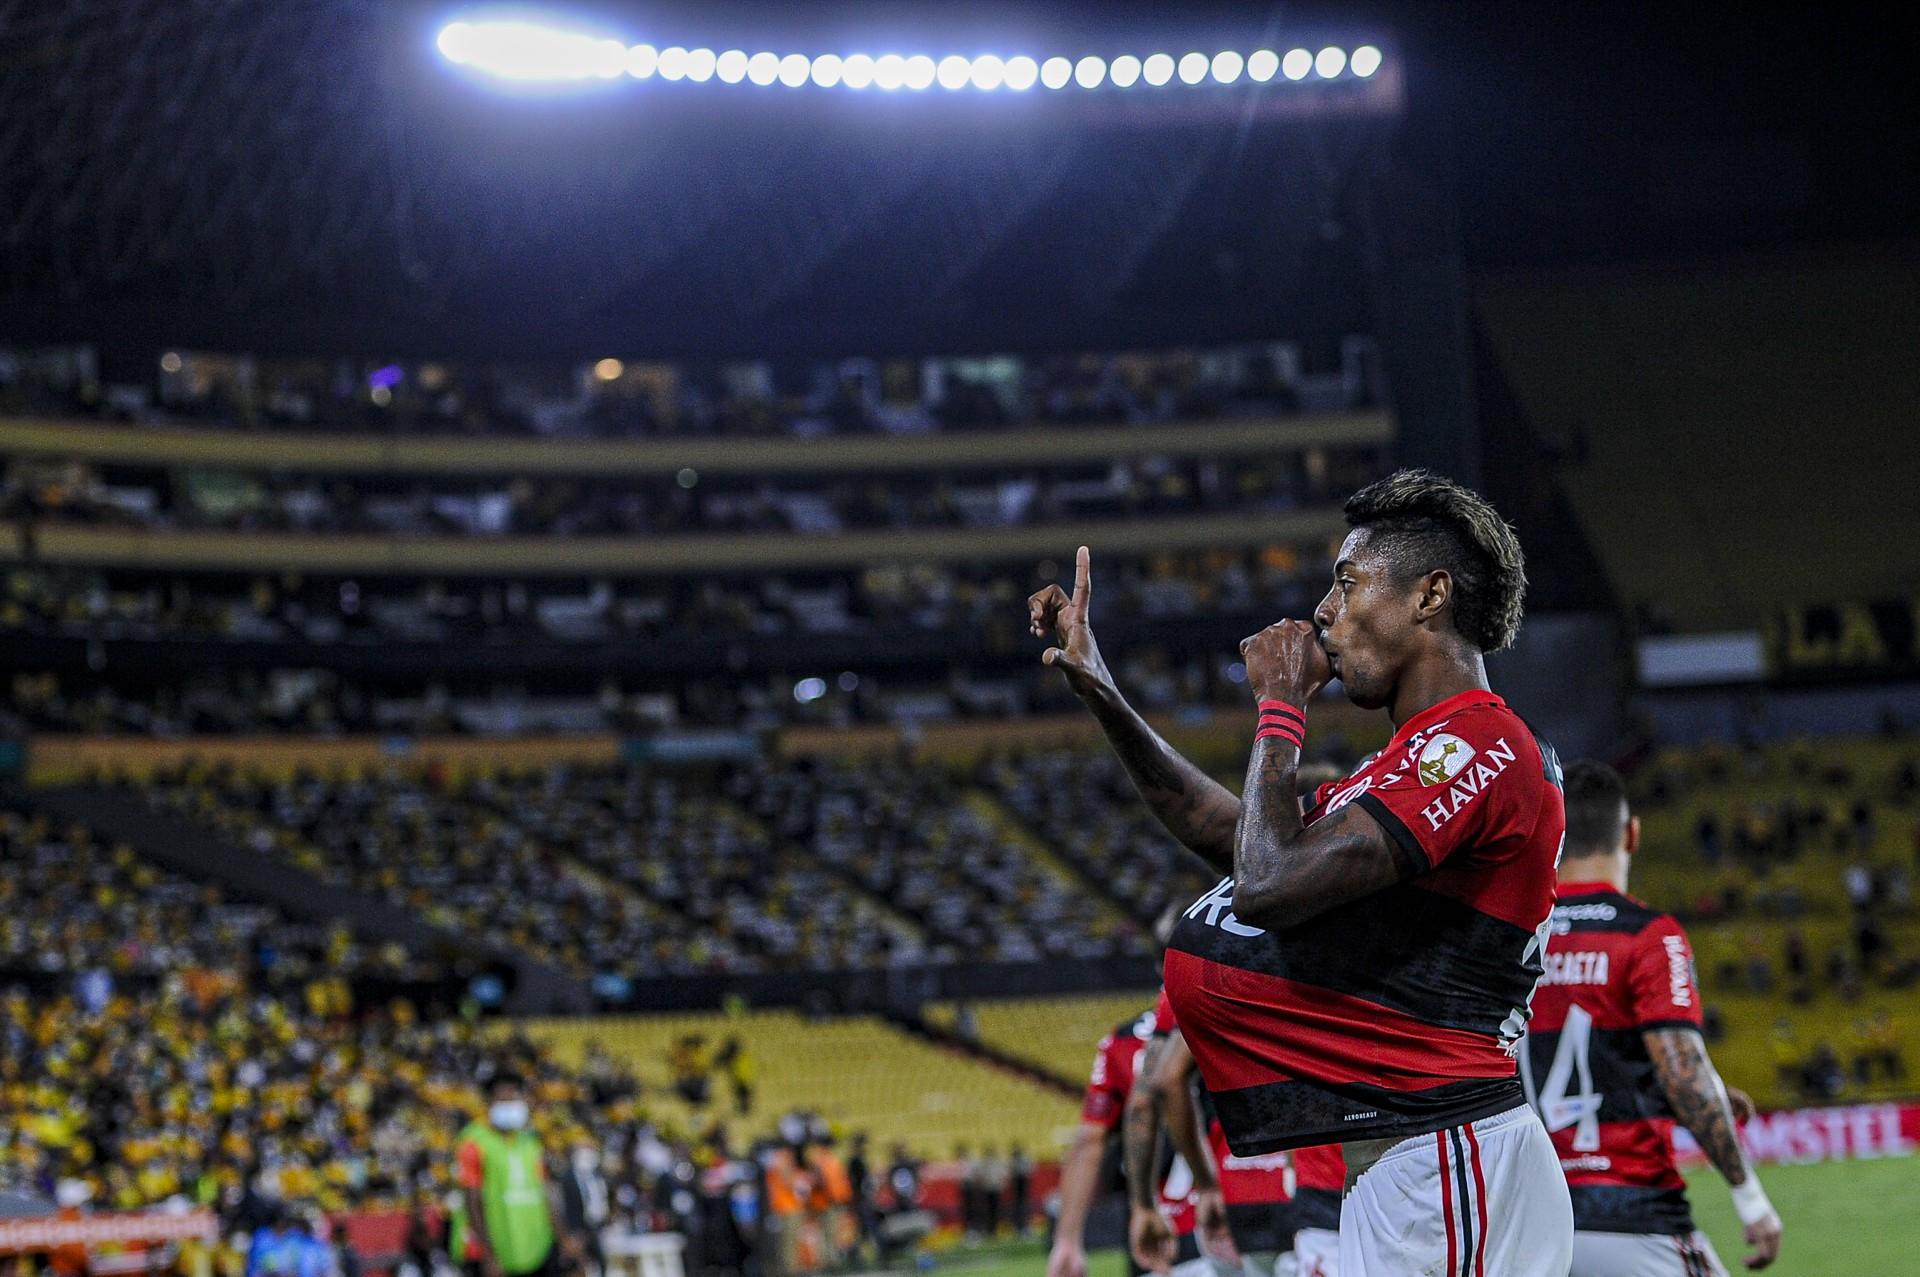 Com Bruno Henrique em noite inspirada, Flamengo bate o Barcelona-EQU e chega à final da Libertadores